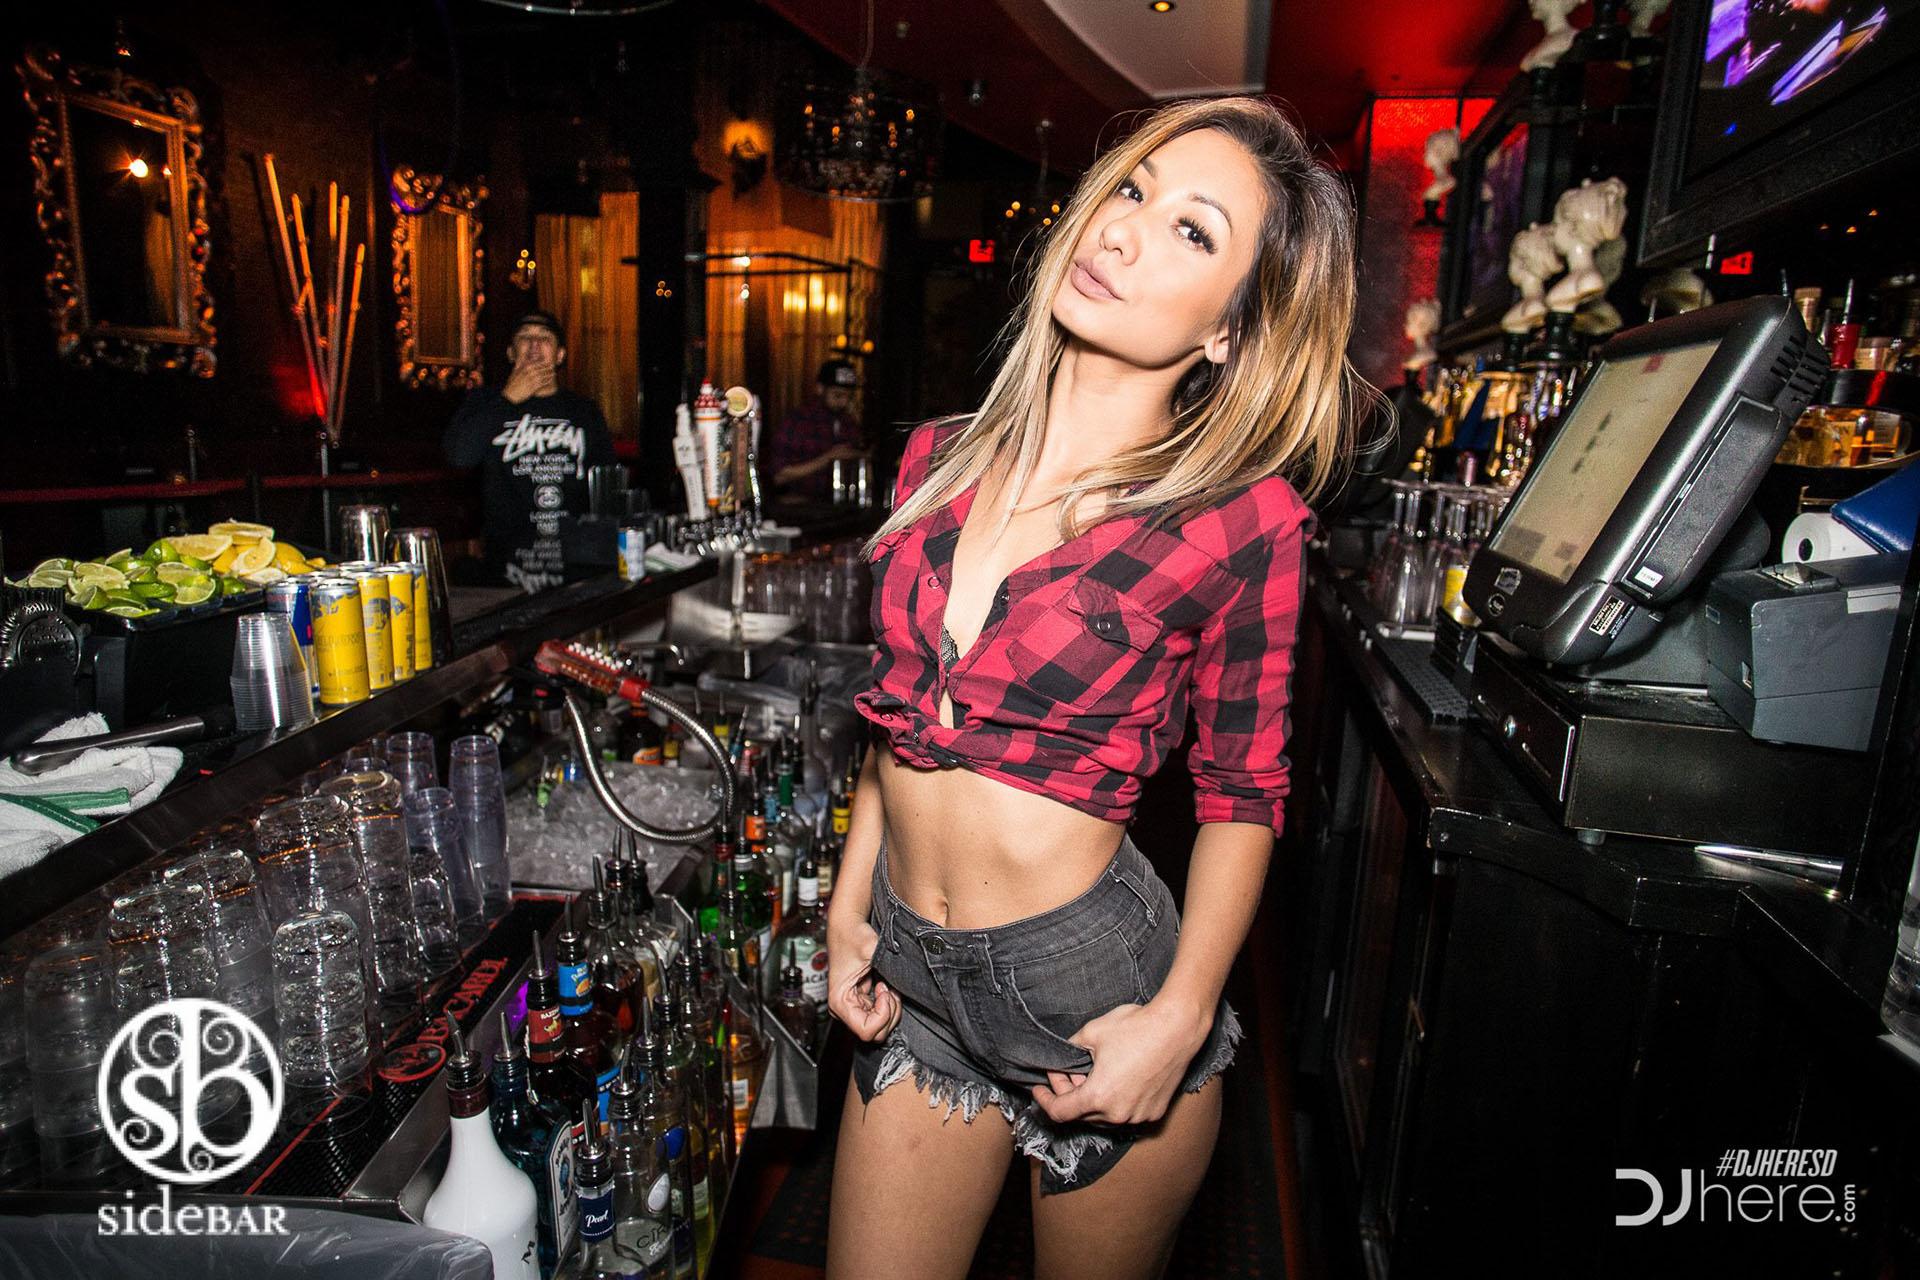 Industry Wednesdays at Side Bar Nightclub in San Diego